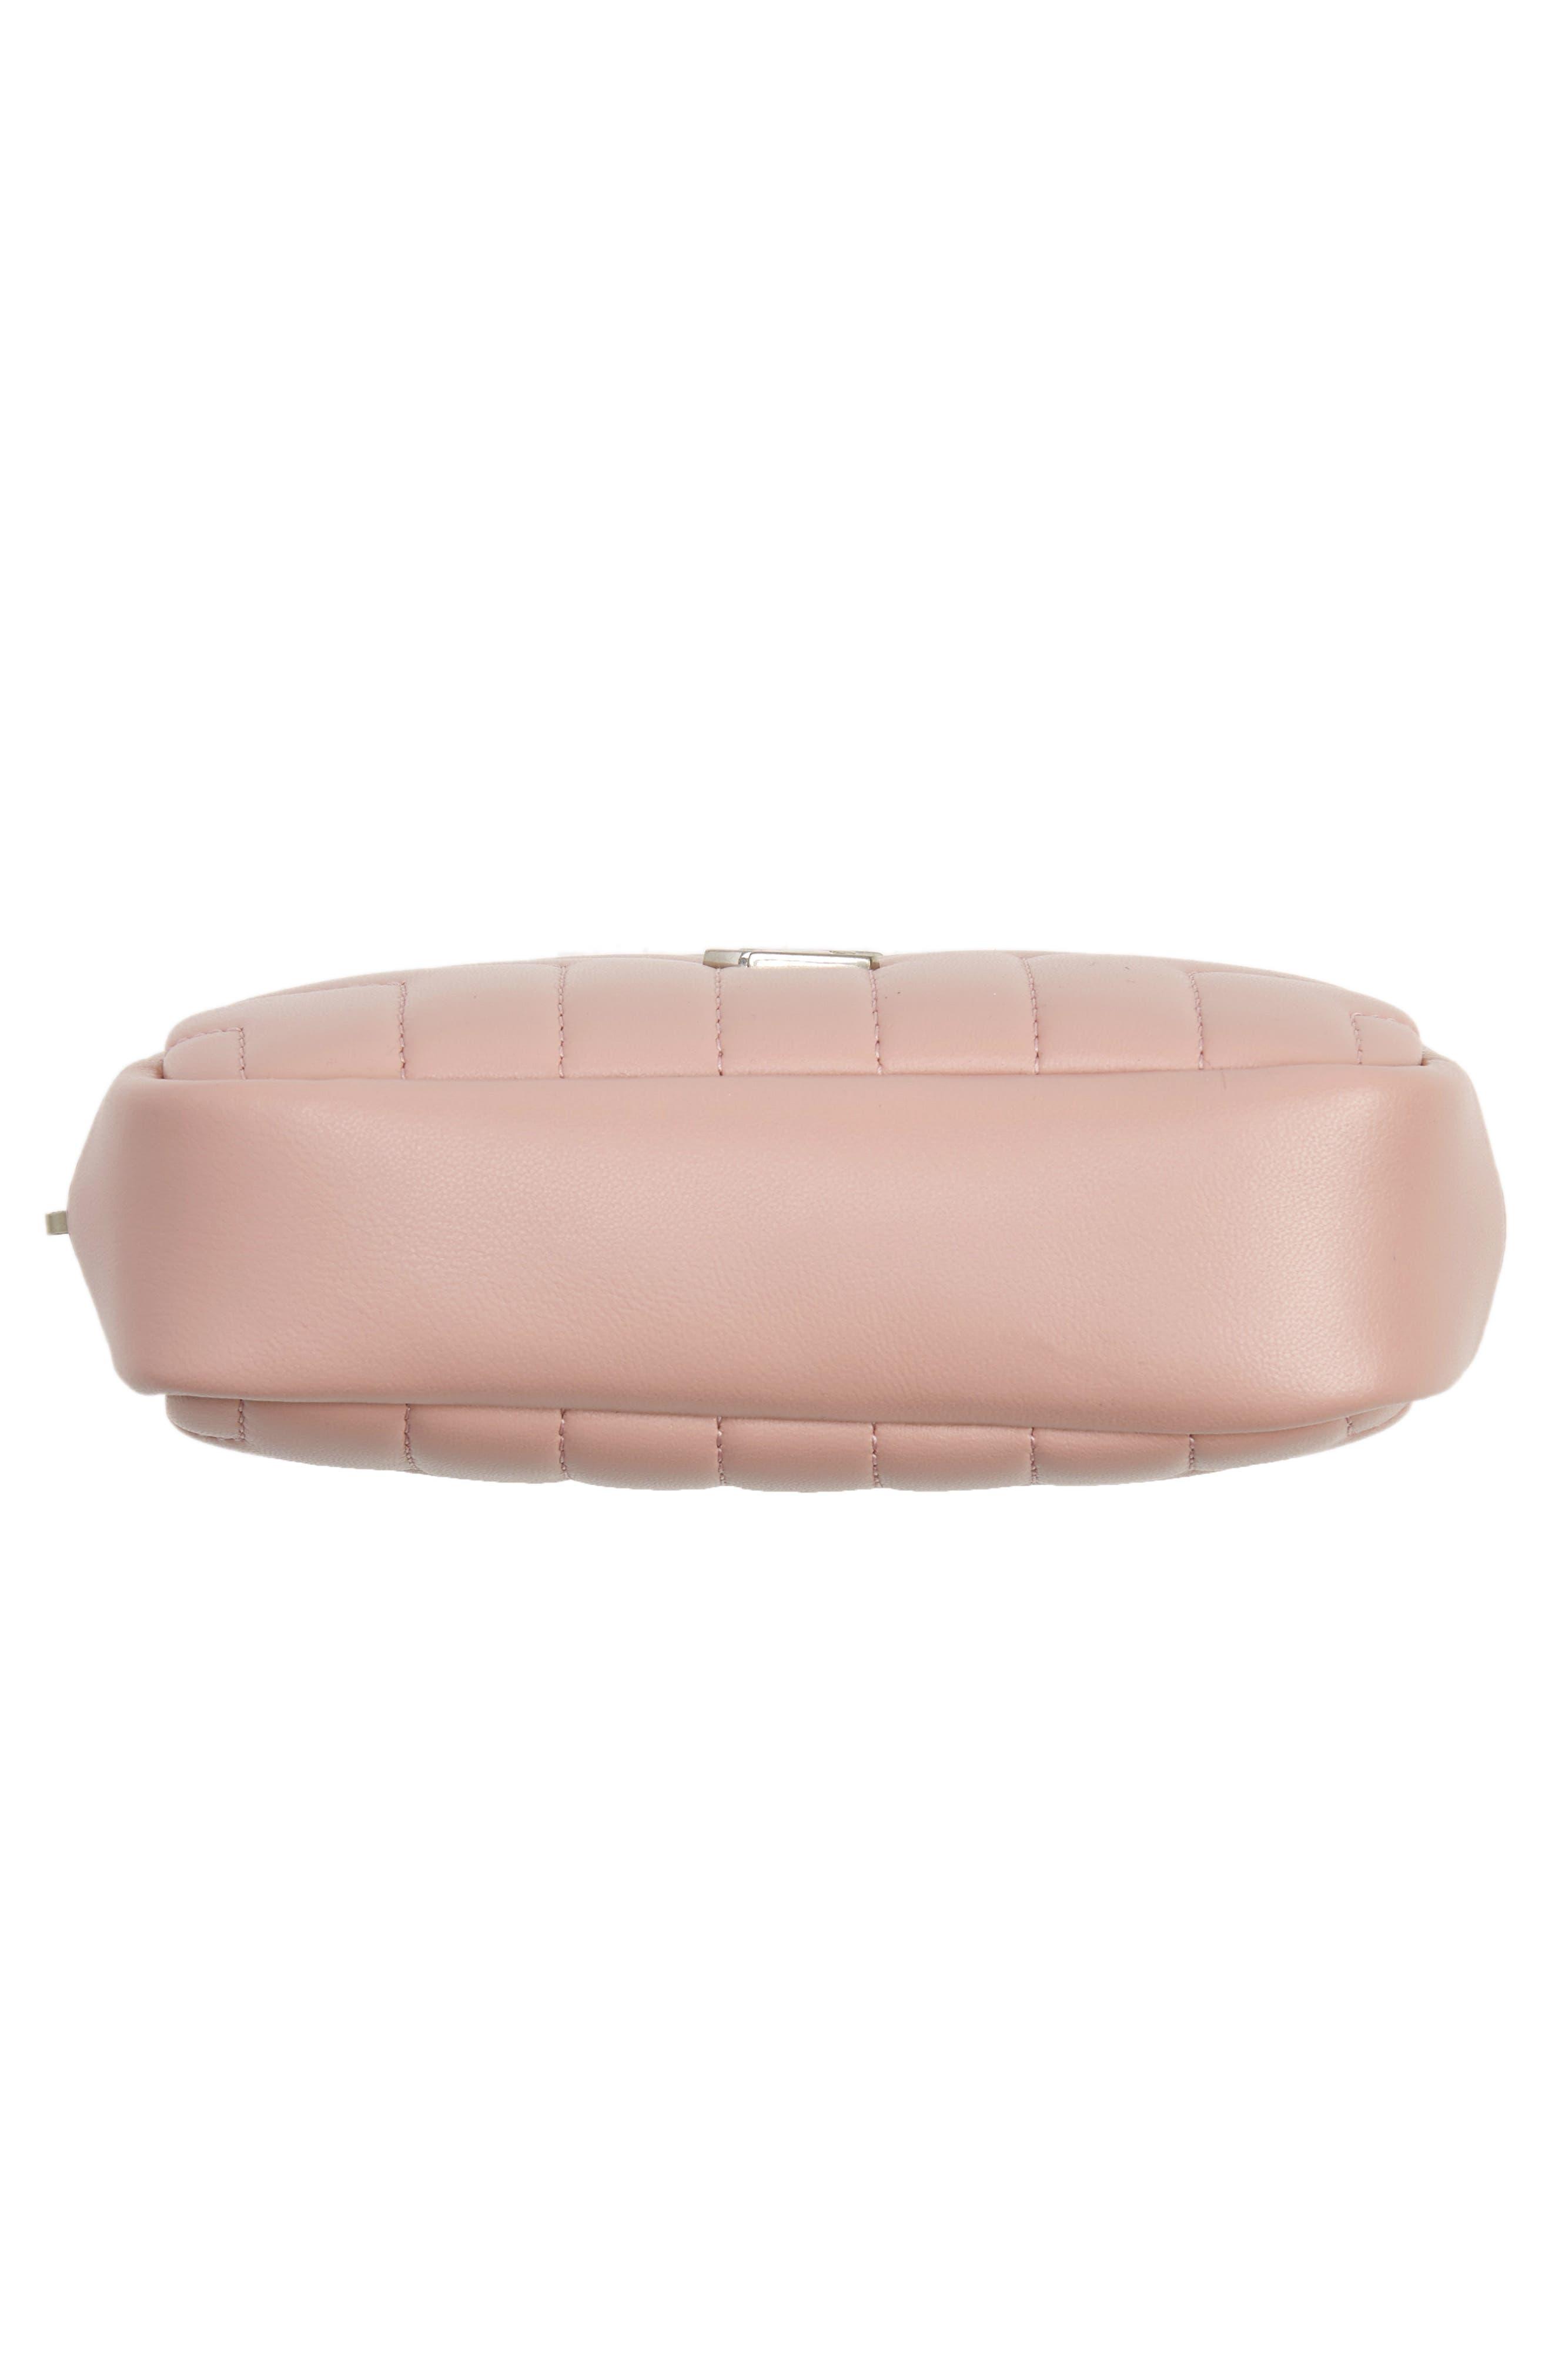 SAINT LAURENT, Loulou Matelassé Leather Cosmetics Bag, Alternate thumbnail 5, color, TENDER PINK